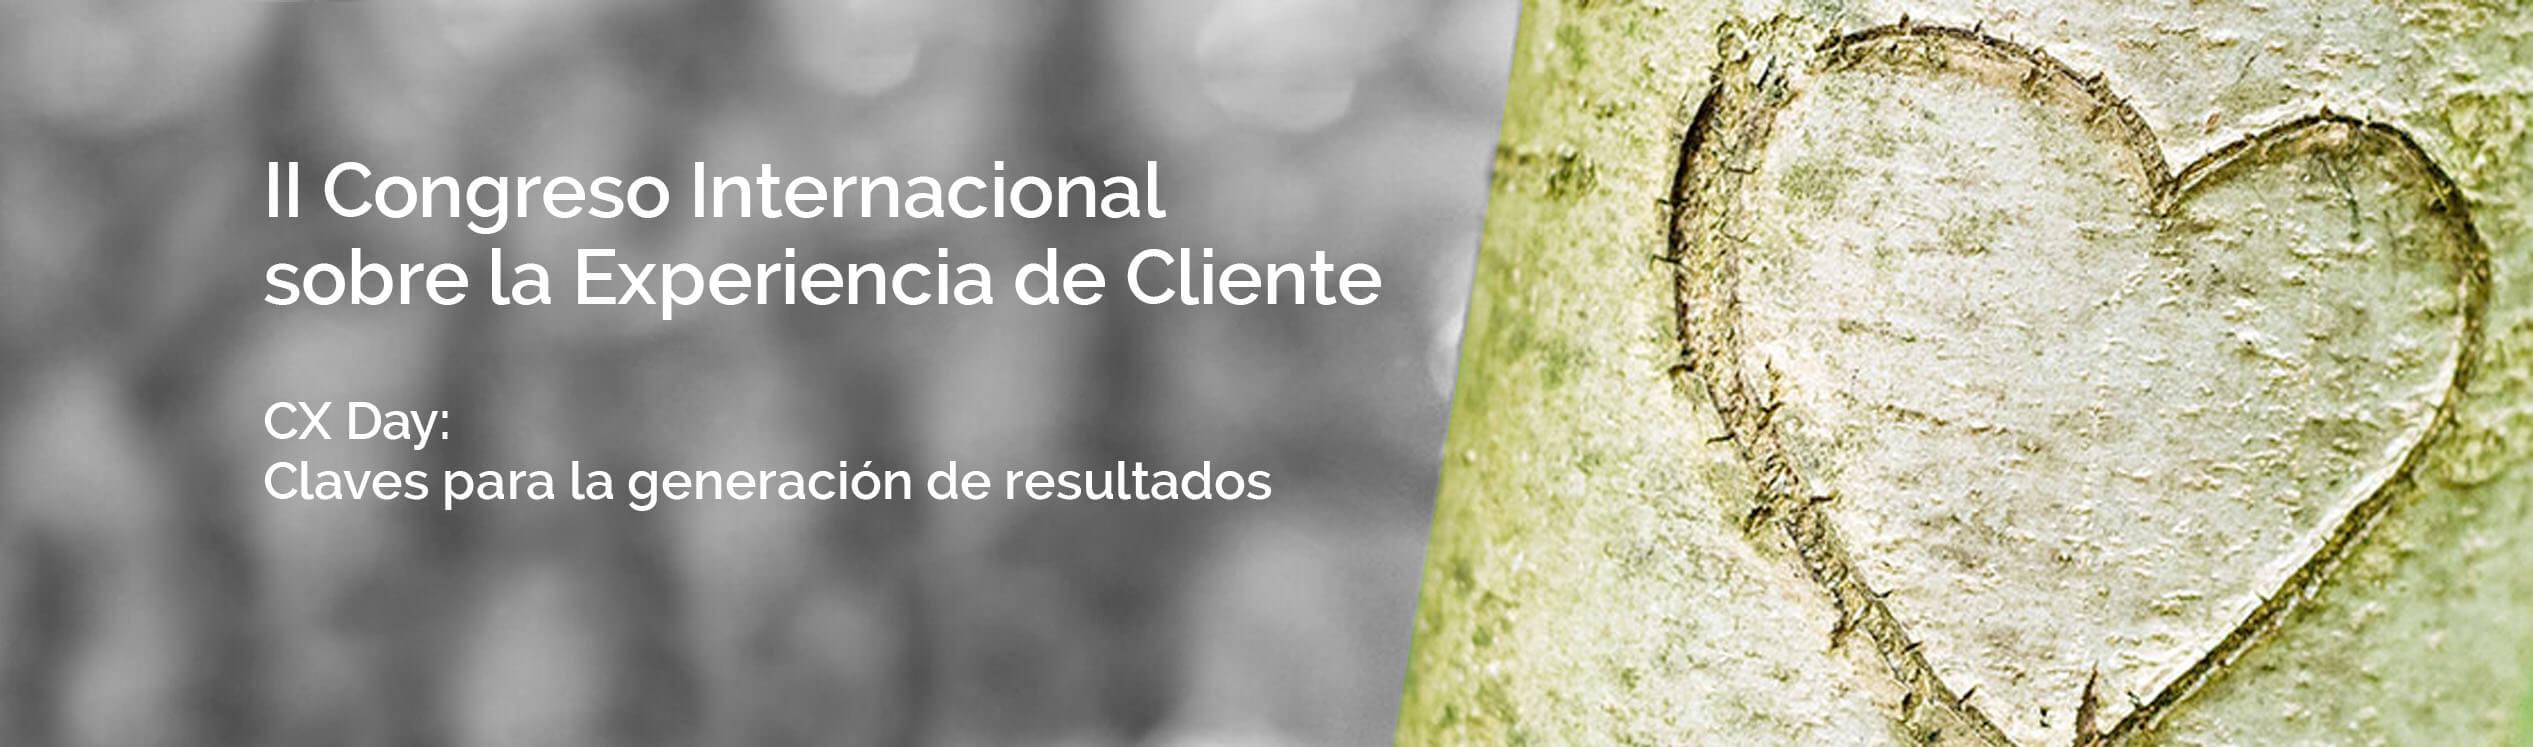 Congreso Internacional Experiencia de Cliente DEC 2014